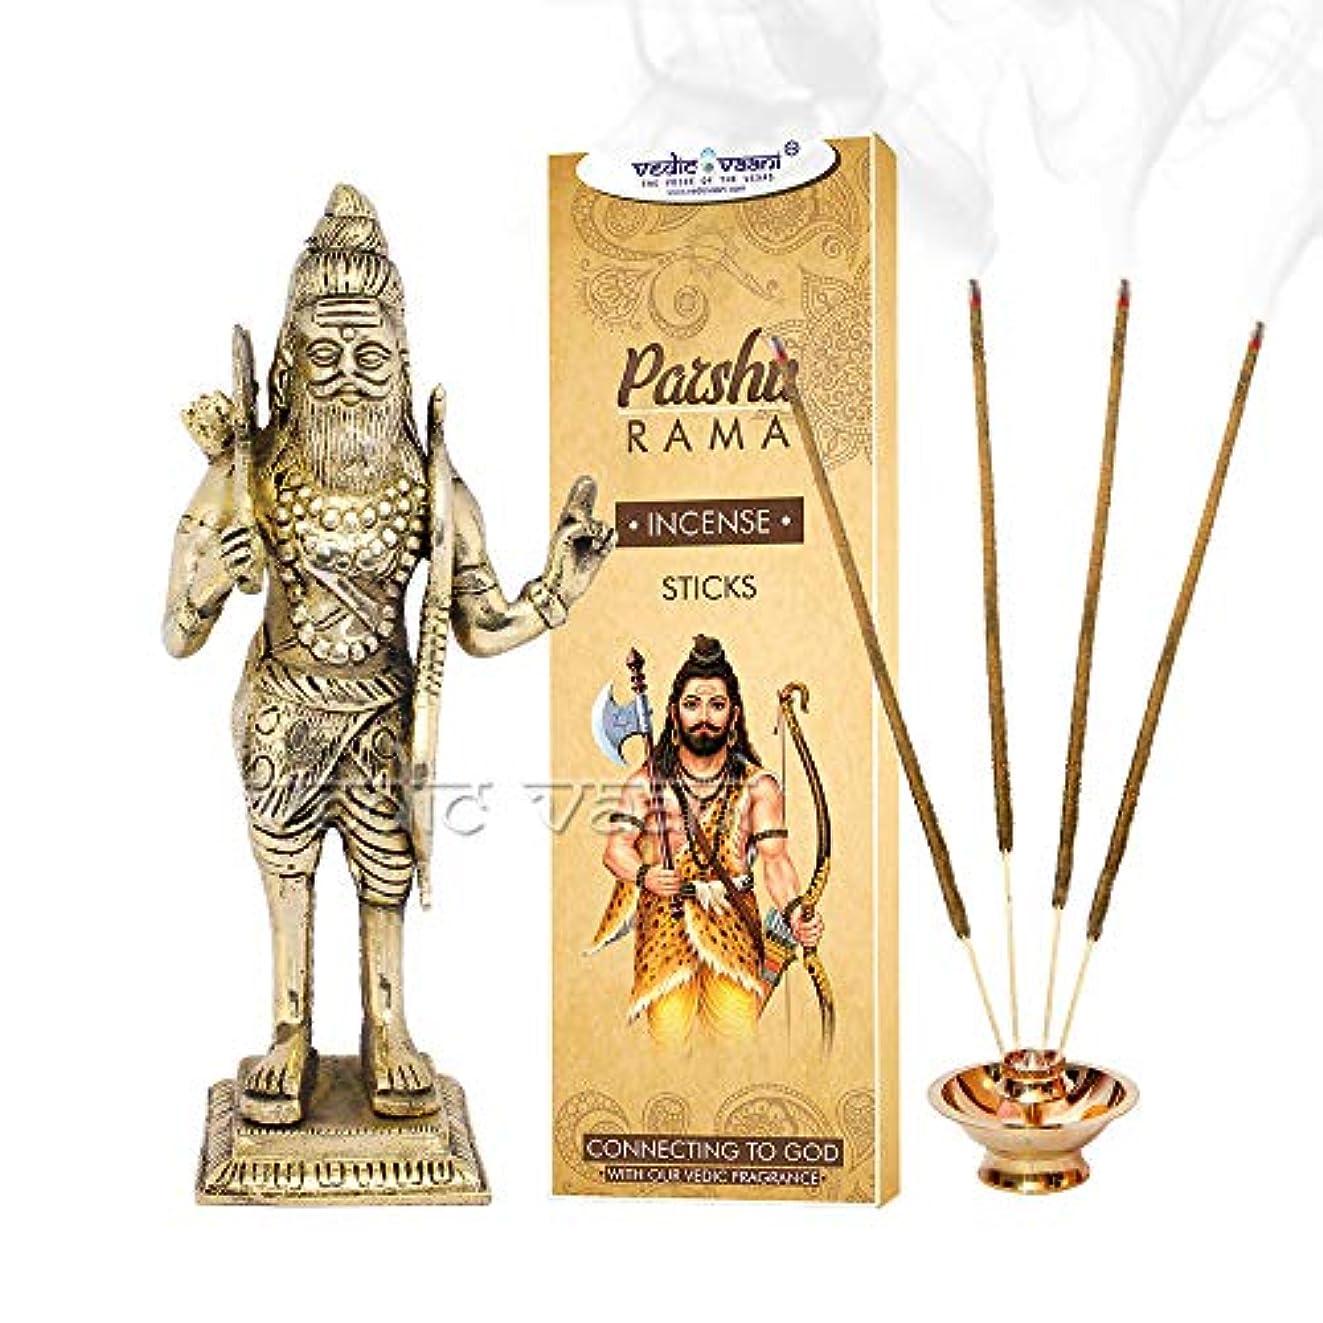 新鮮なエンターテインメント根絶するVedic Vaani Maharaj Parshuram 真鍮アイドル パラシュラマ香スティック付き